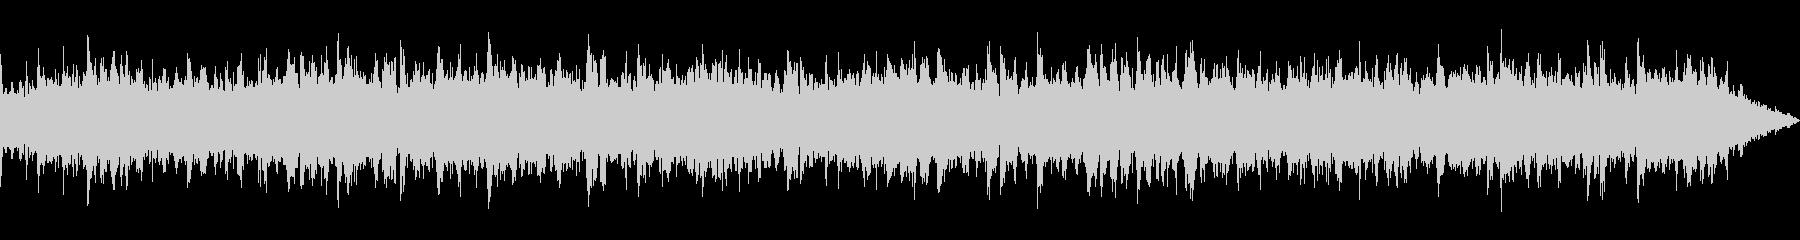 【主張しない背景音楽】儚げ1【ループ】の未再生の波形